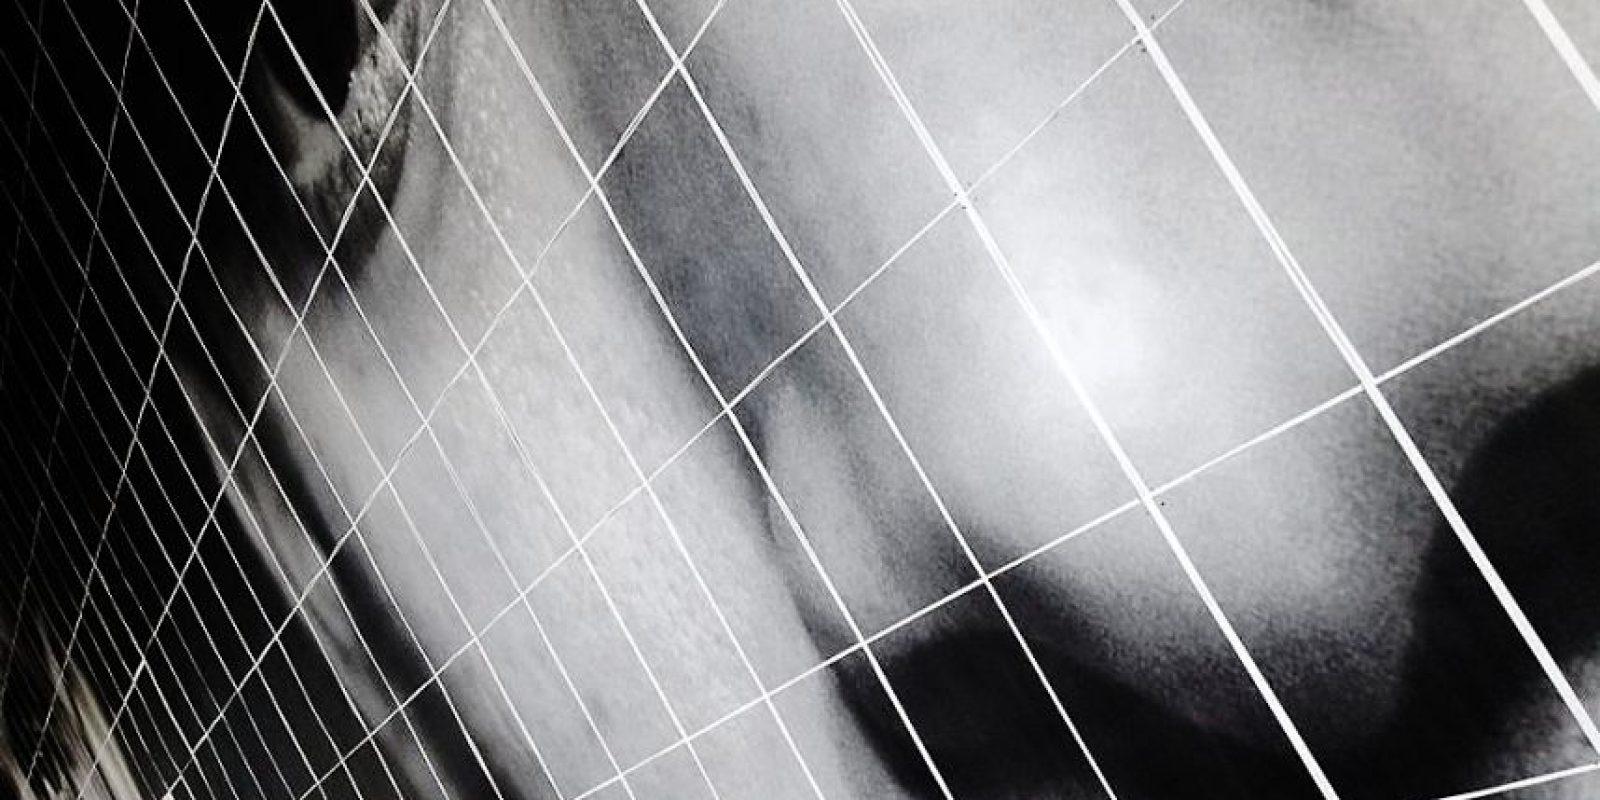 La intervención se muestra en la galería de Miami Foto:Cortesía Eny Roland Hernández Javier